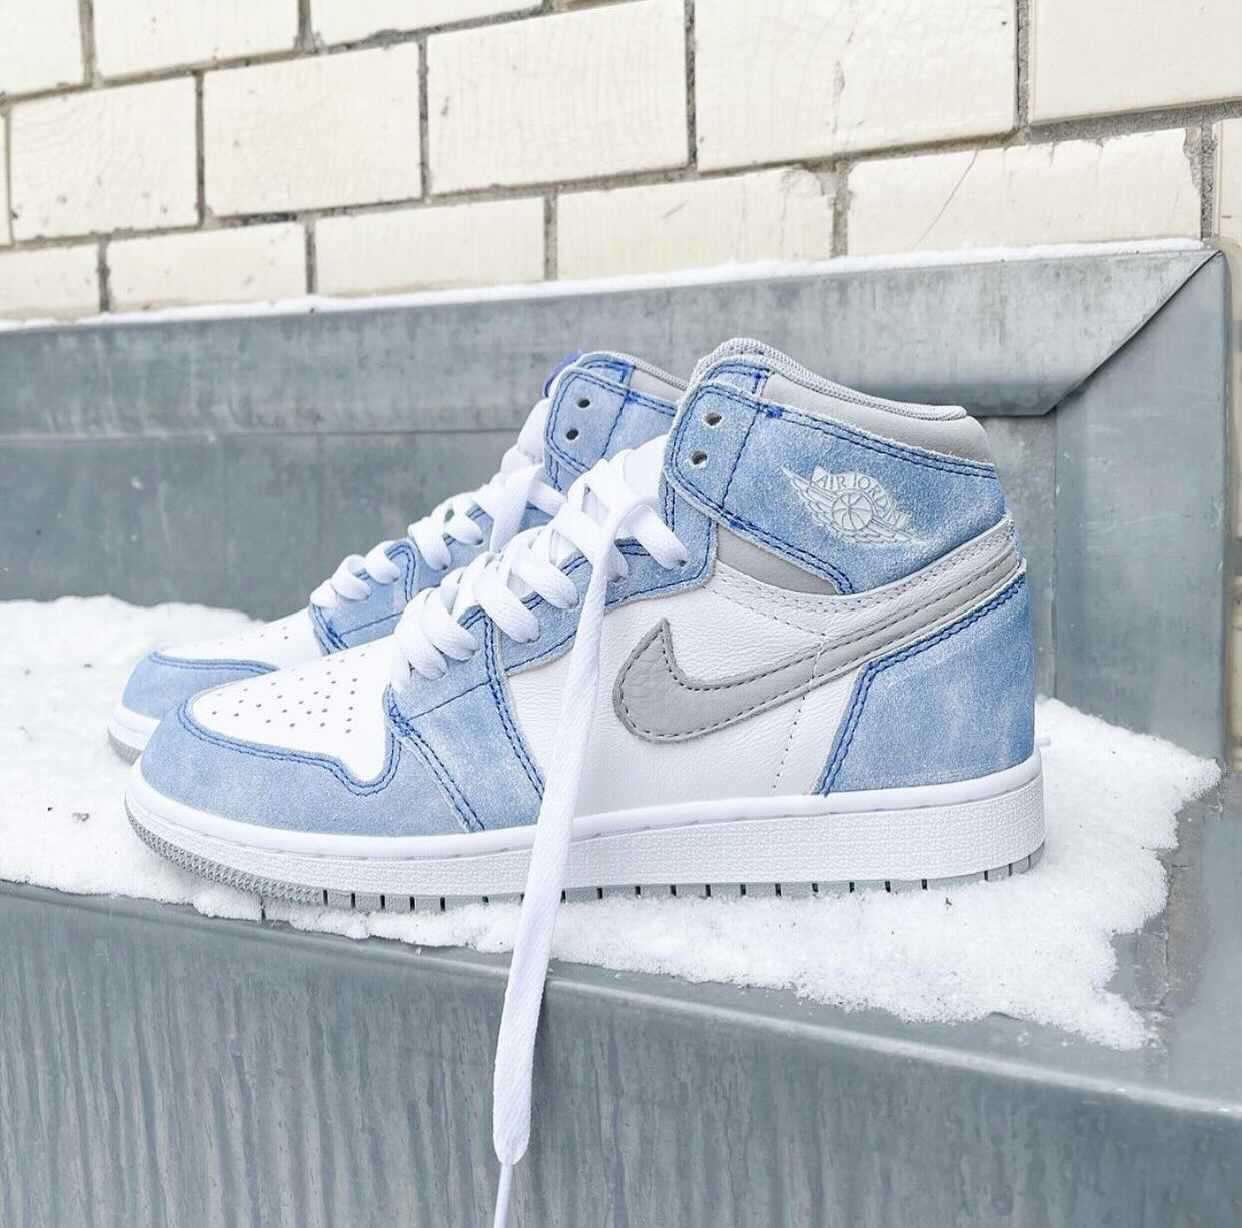 """ナイキ エア ジョーダン 1 ハイ OG """"ハイパーロイヤル"""" Nike-Air-Jordan-1-Hyper-Royal-555088-402 detail main"""